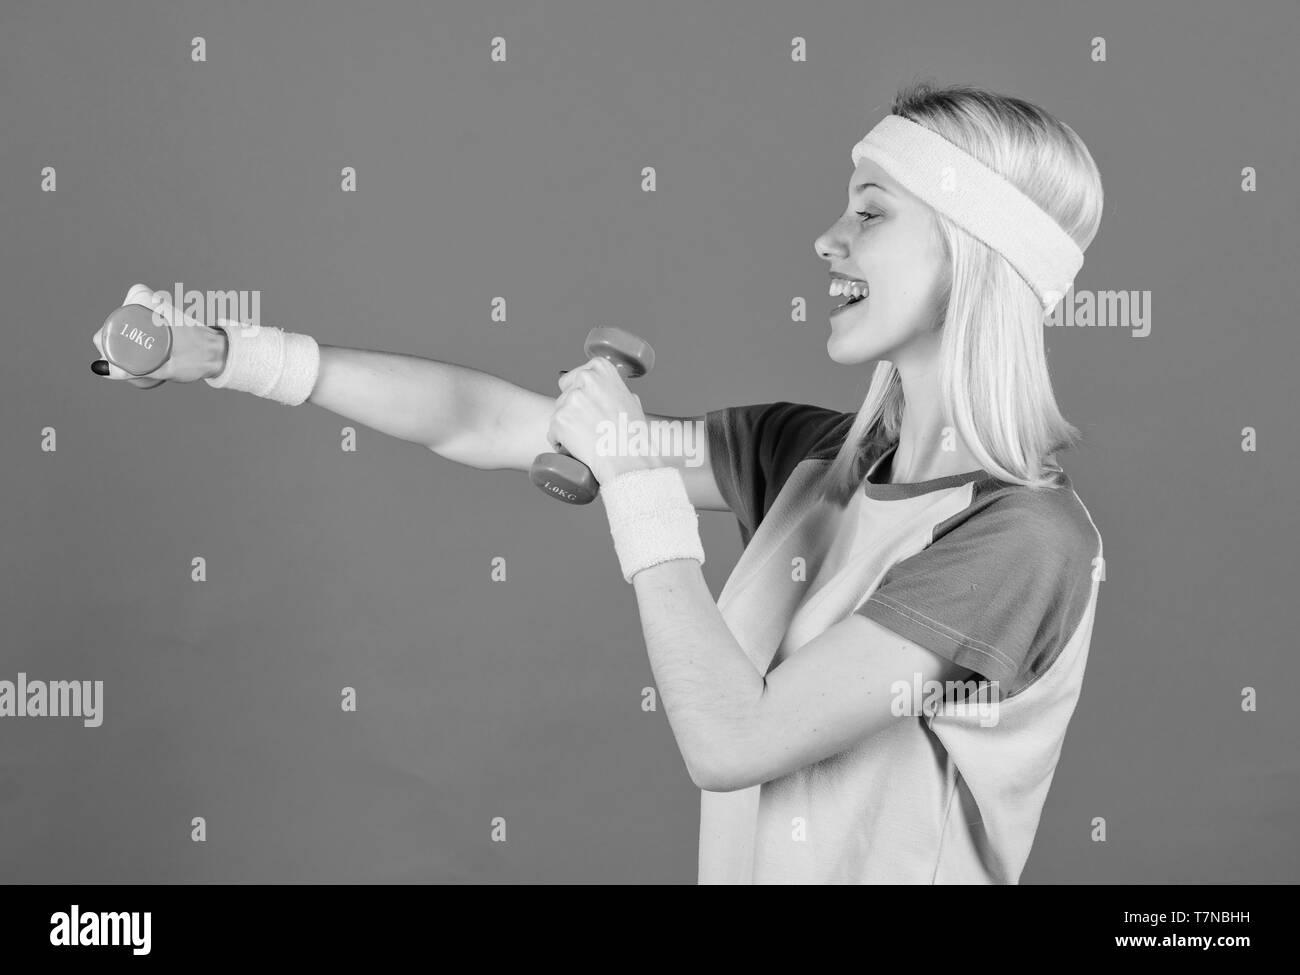 Fitness Concept. Mädchen trainieren mit Hantel. Training mit Kurzhanteln. Anfänger Hantel Übungen. Ultimative Oberkörpertraining für Frauen. Fitness Instructor halten wenig Hantel blauen Hintergrund. Stockbild